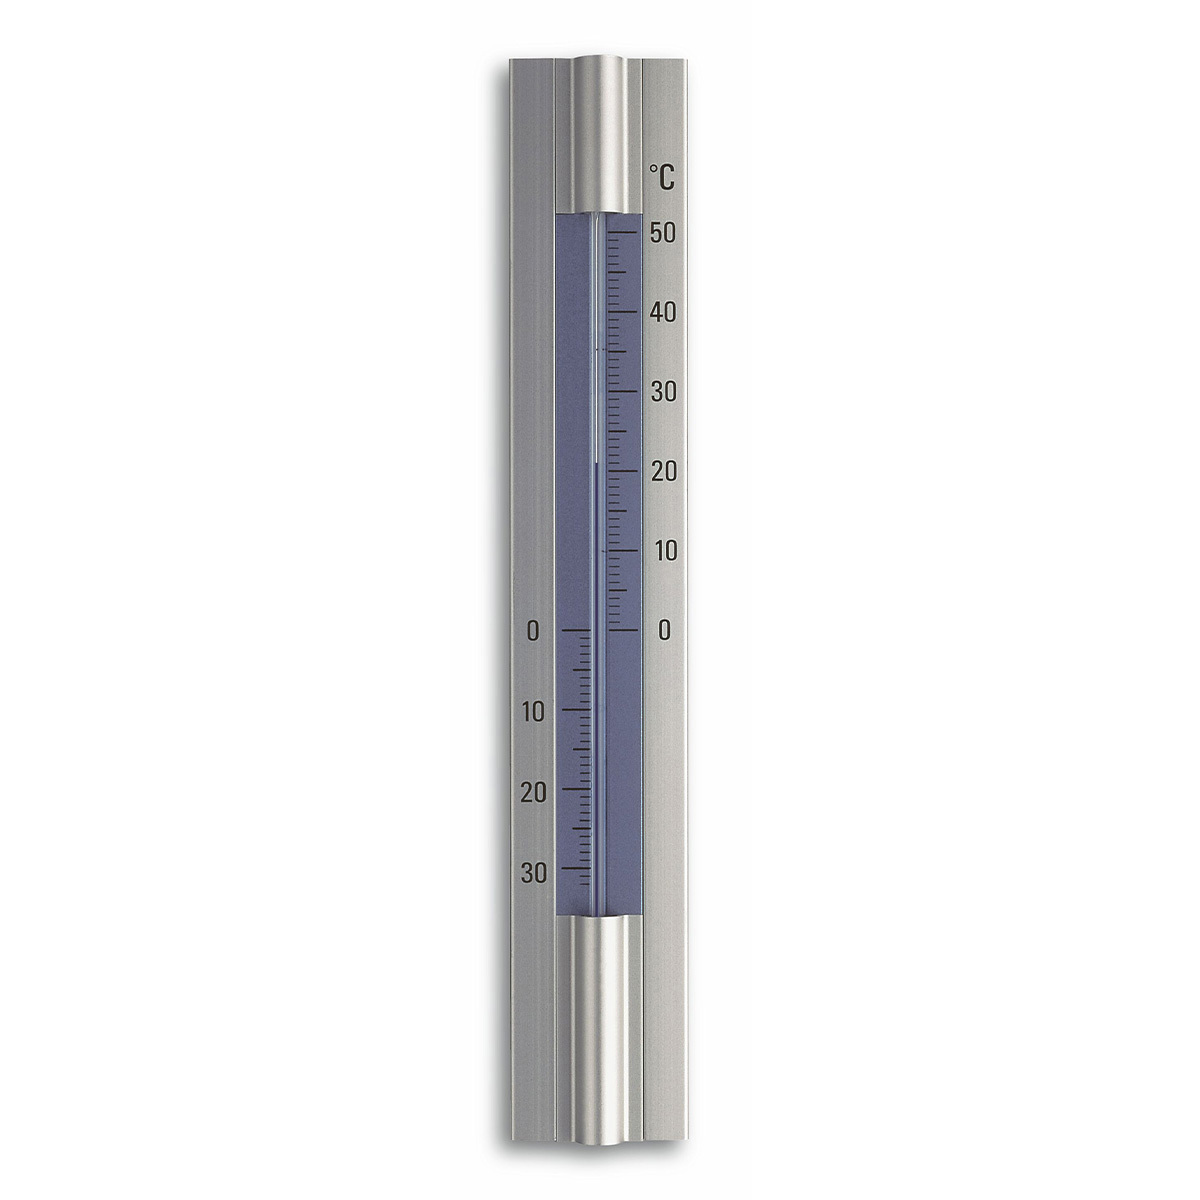 12-2045-innen-aussen-thermometer-aluminium-1200x1200px.jpg